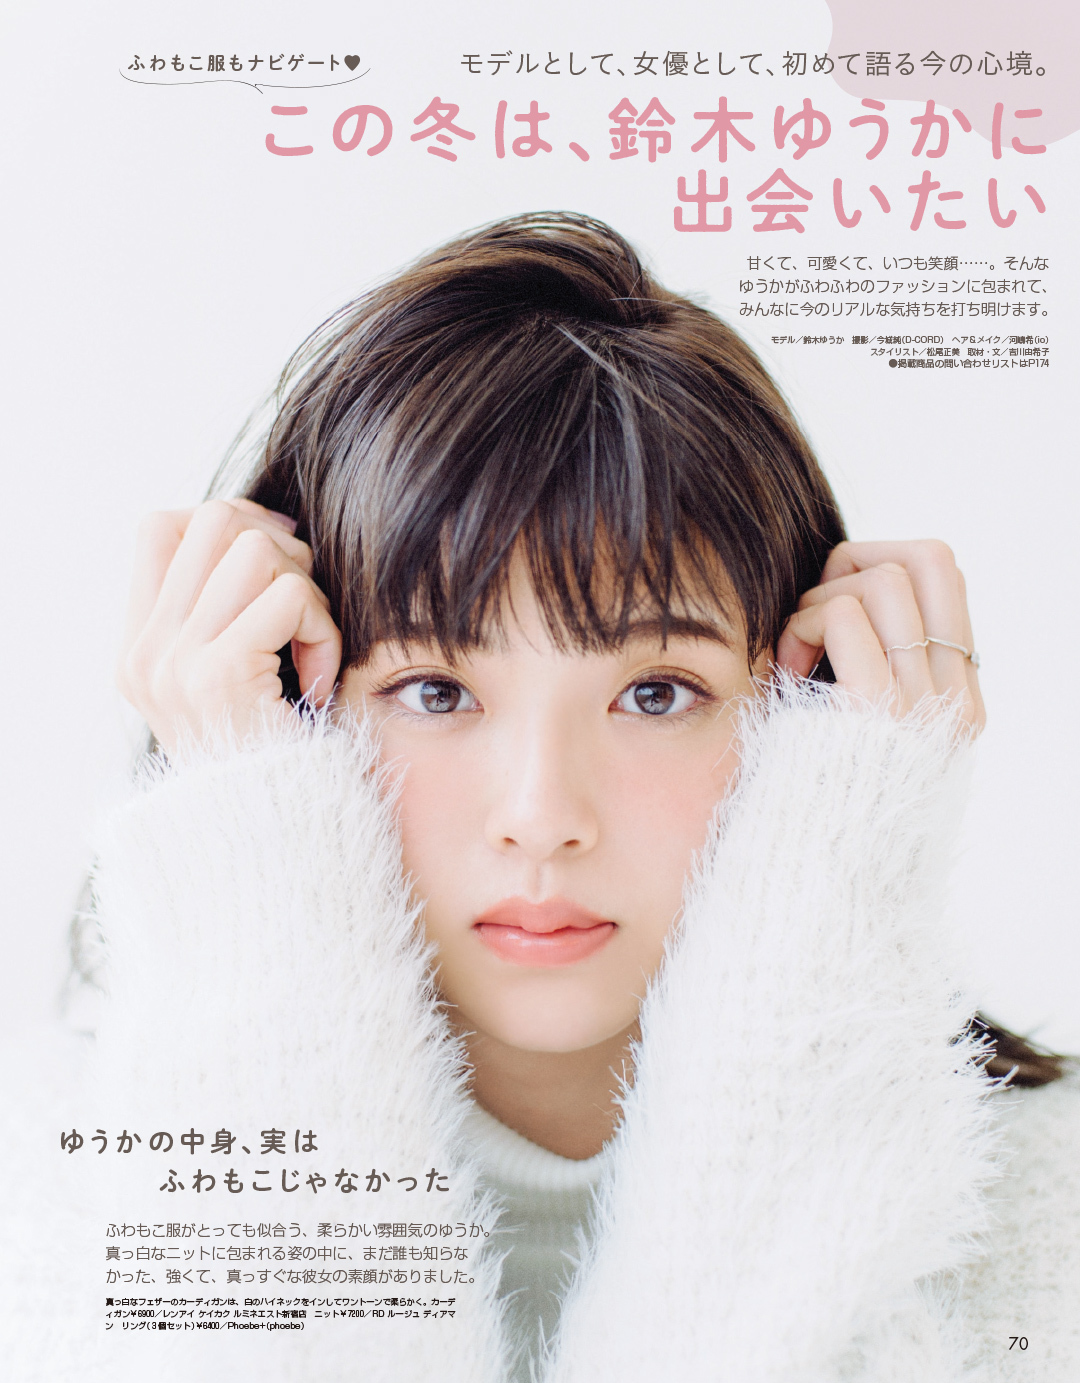 この冬は、鈴木ゆうかに出会いたい